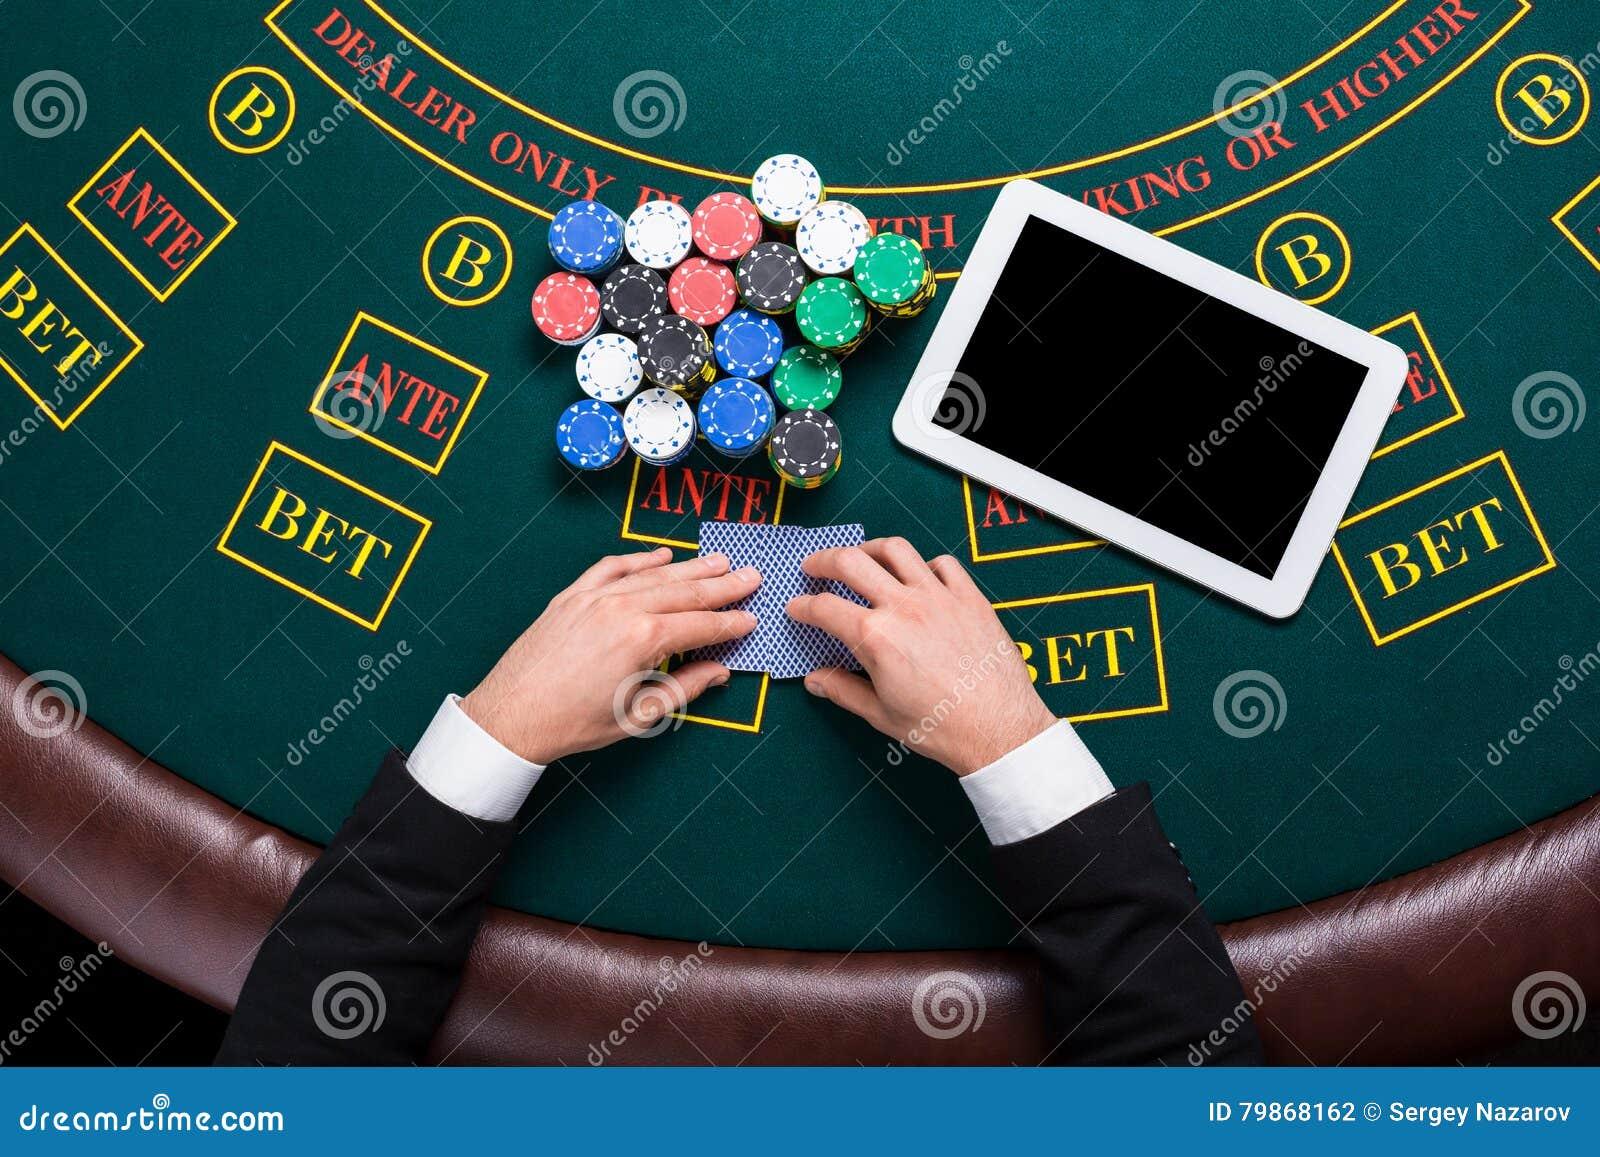 buffalo thunder casino slots